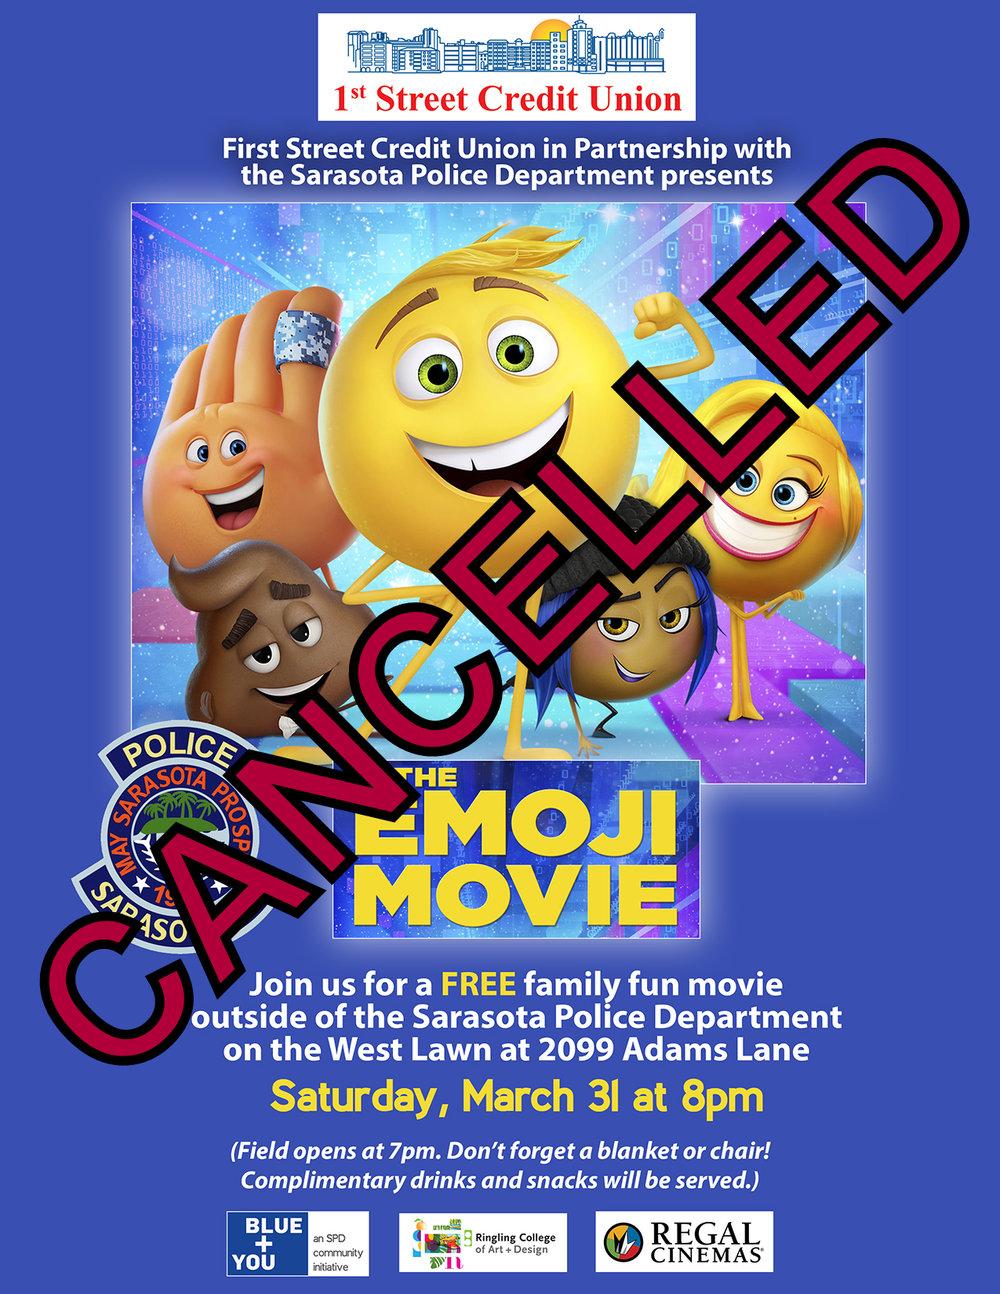 CancelledEmojiMovie.jpg